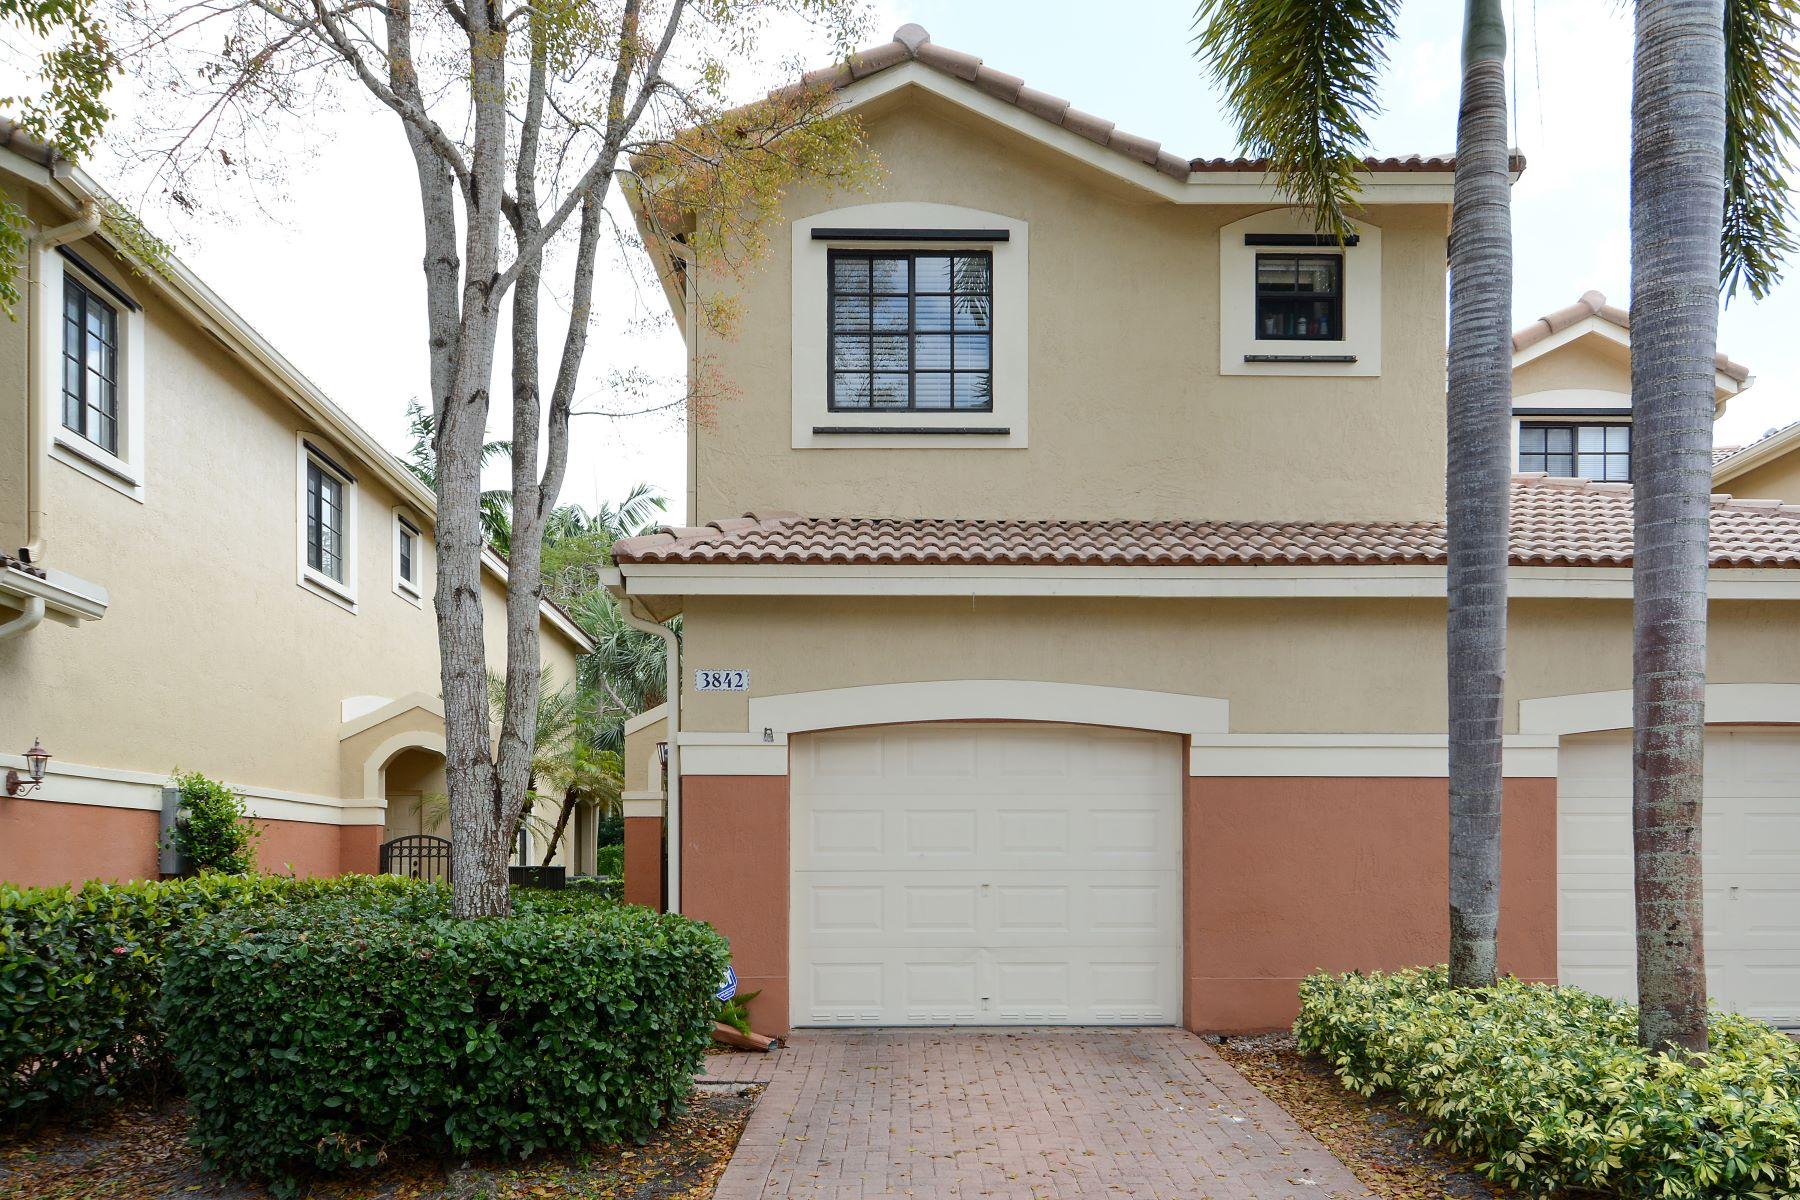 Tek Ailelik Ev için Satış at 3842 Tree Top Dr 3842 Tree Top Dr corner, Weston, Florida, 33332 Amerika Birleşik Devletleri